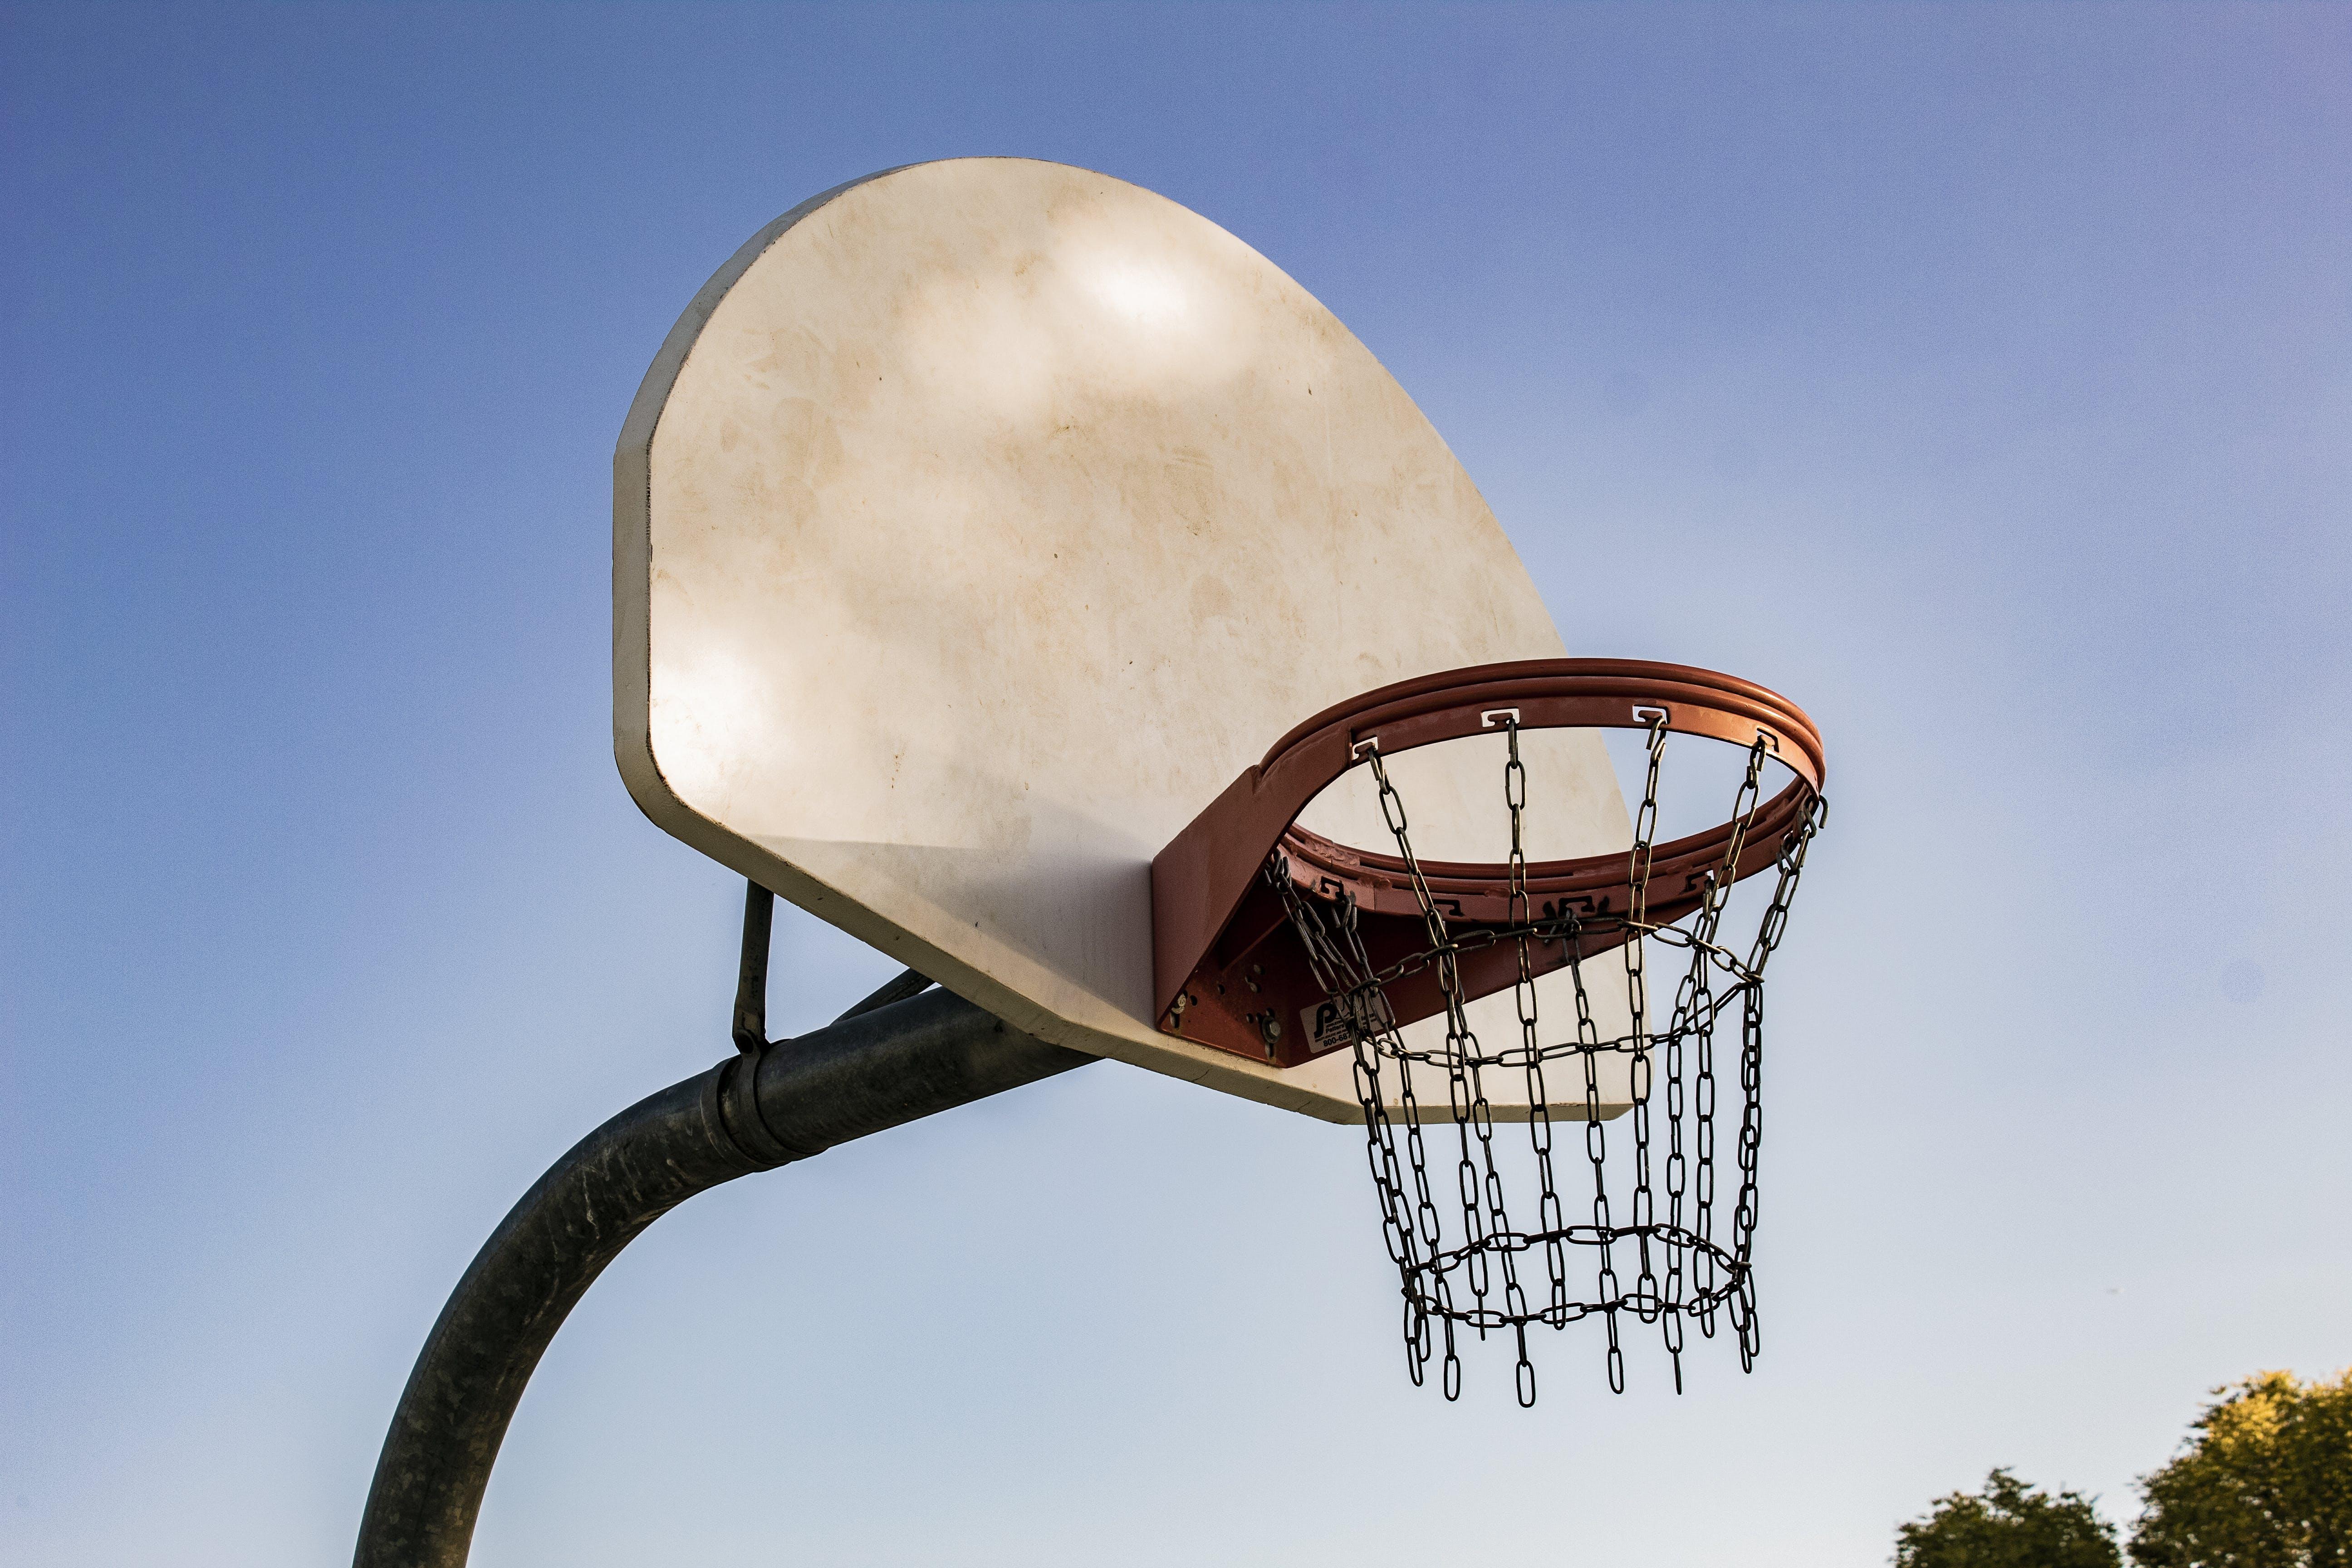 Gratis lagerfoto af basketball ring, basketballkurv, Basketballring, kamp